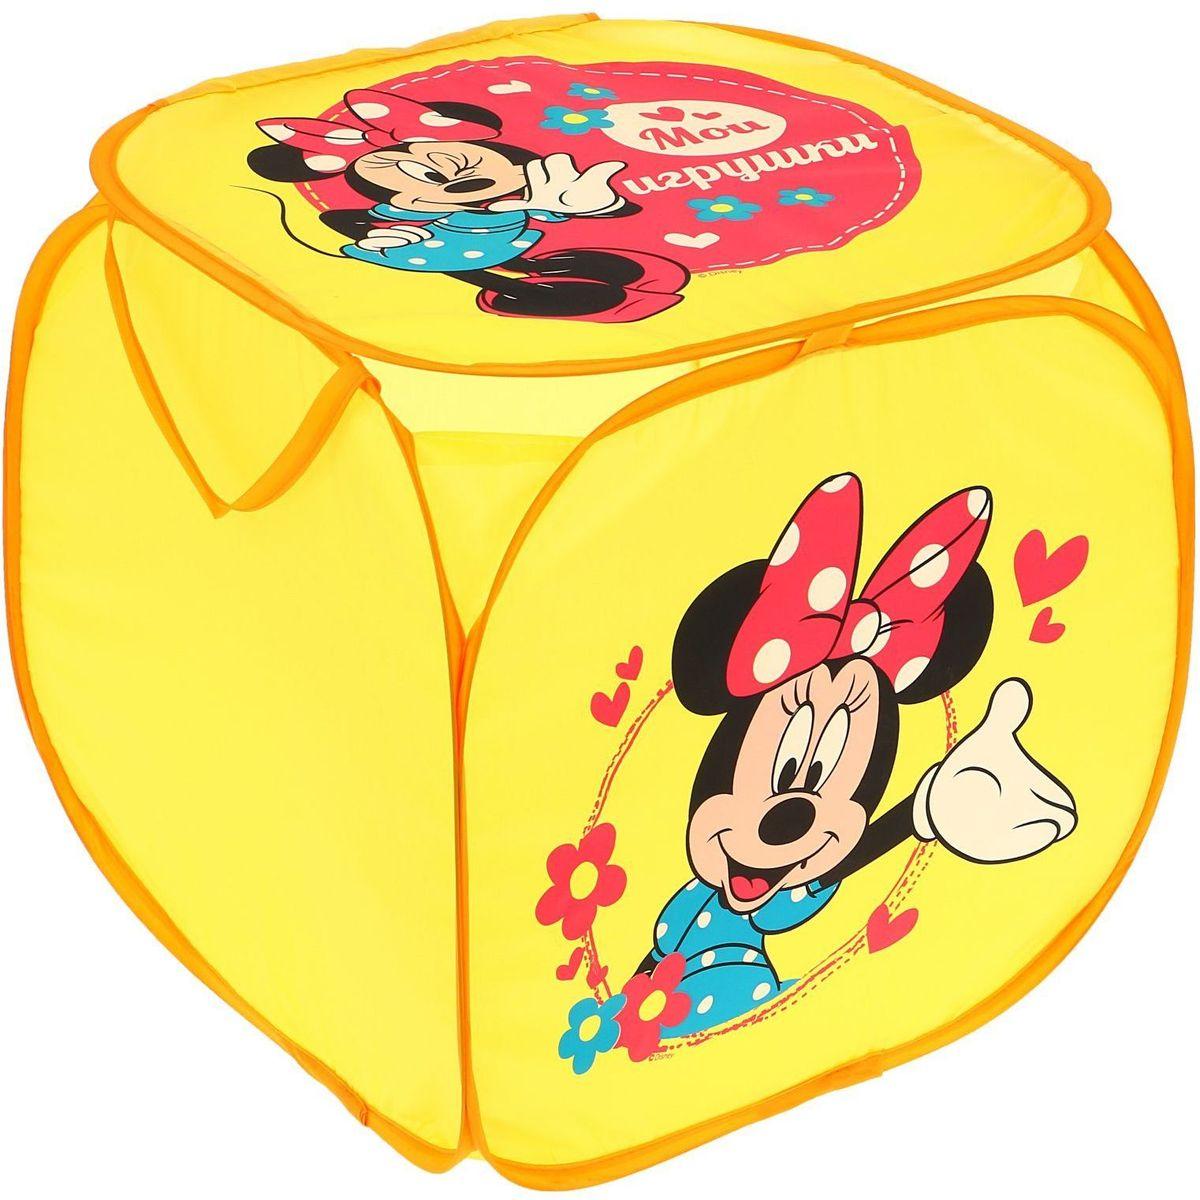 С Disney уборка веселей! Квадратная корзина с героями любимого мультфильма приведёт ребёнка в восторг: малыш сам будет прибирать игрушки без лишних напоминаний! Изделие дополнено двумя ручками, за которые куб можно подвесить или перемещать с места на место. Крышка с красочным изображением известного персонажа Disney защитит содержимое корзины от пыли и других загрязнений.